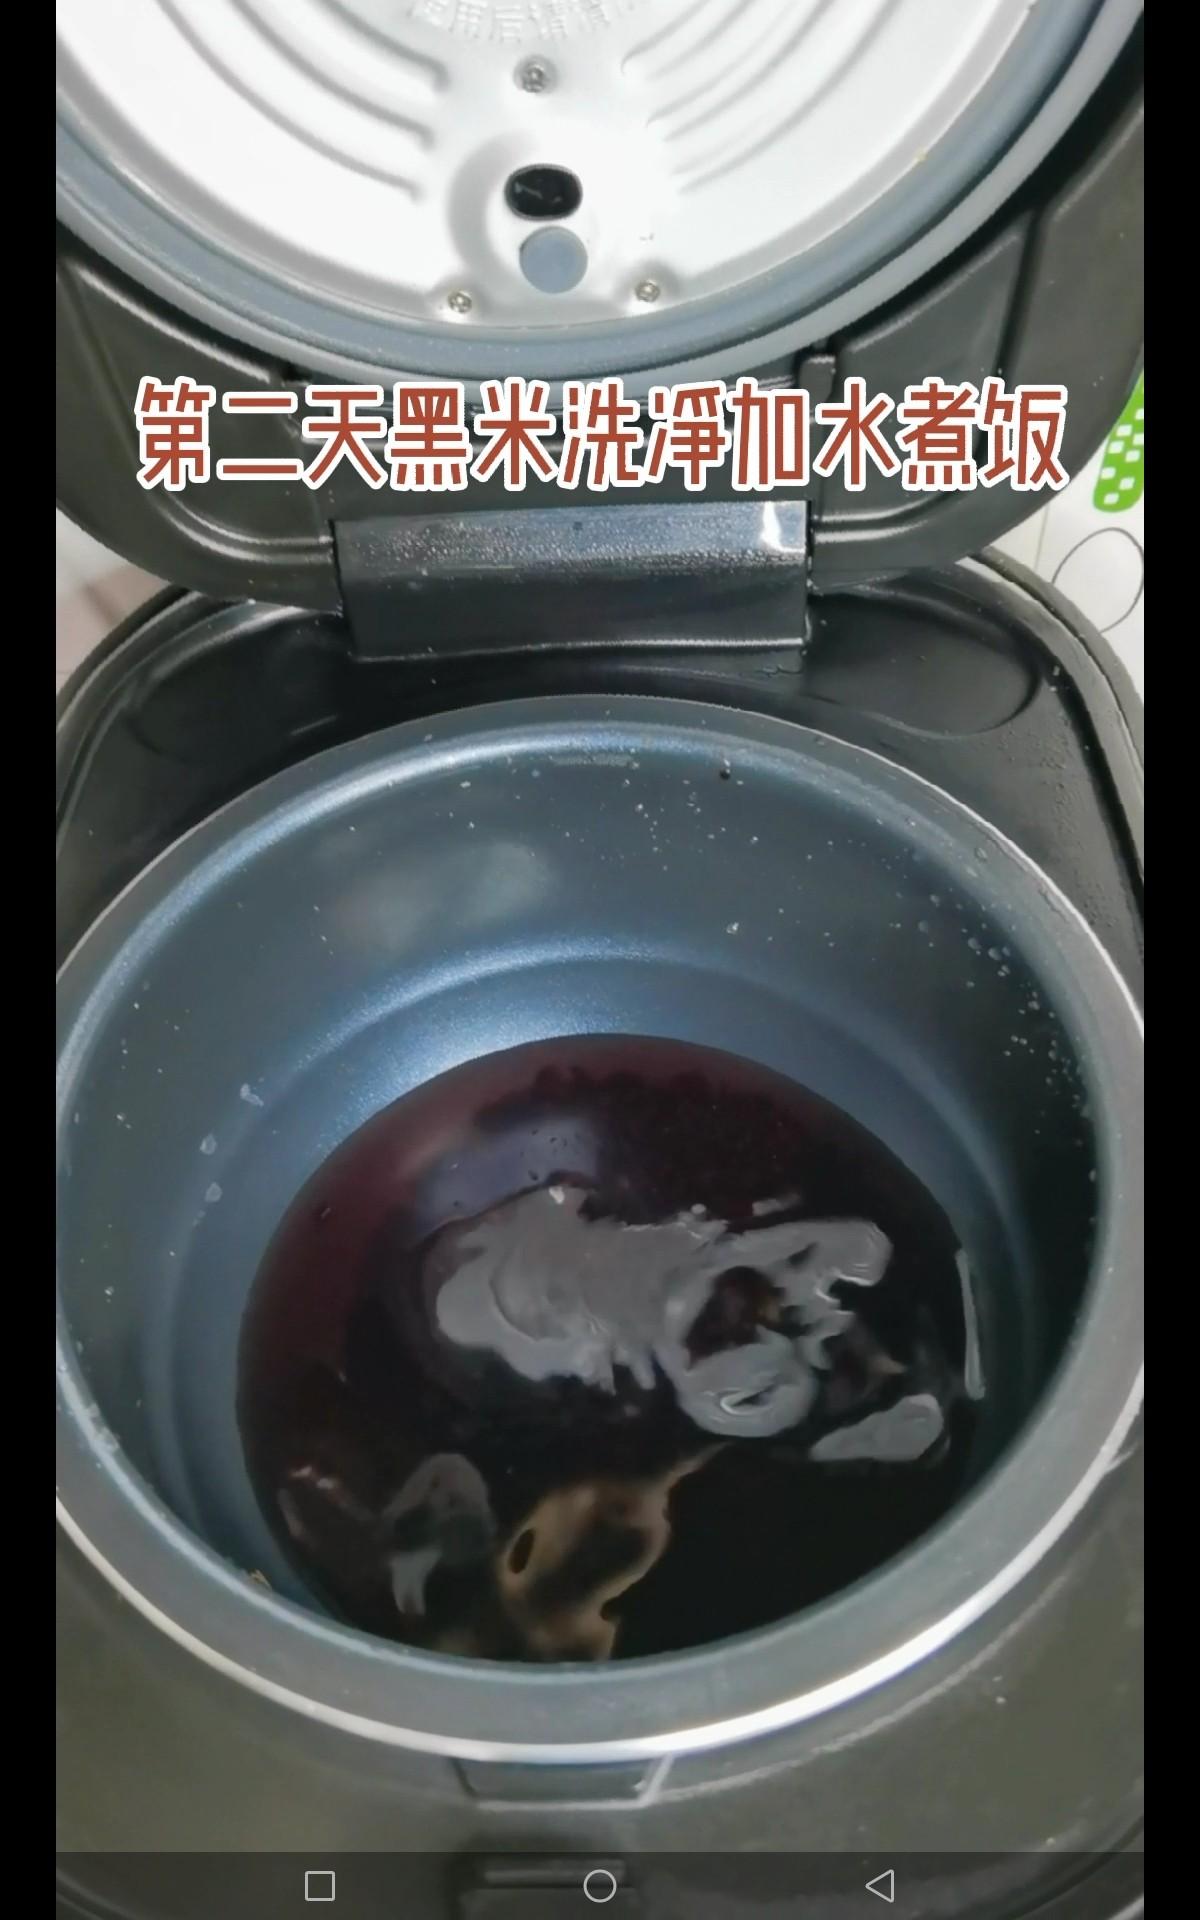 芒果椰汁黑米捞的做法图解